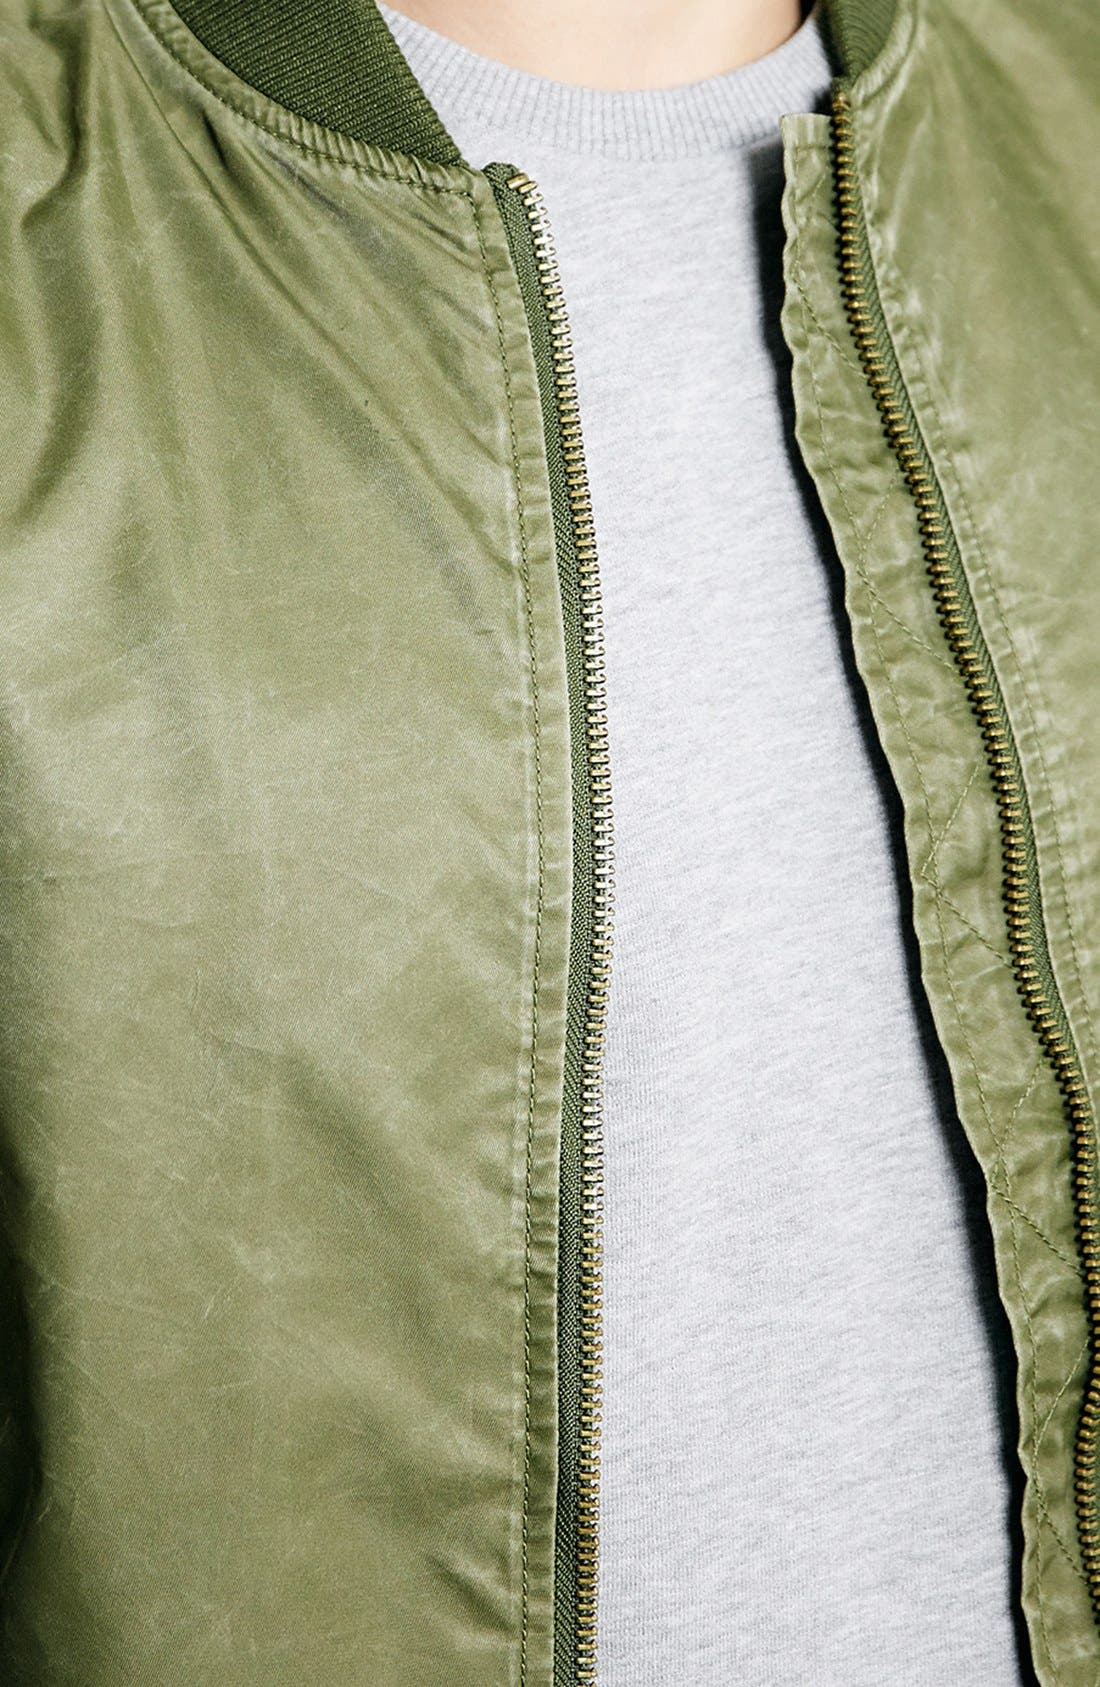 TOPMAN, Brushed Nylon Bomber Jacket, Alternate thumbnail 2, color, 300